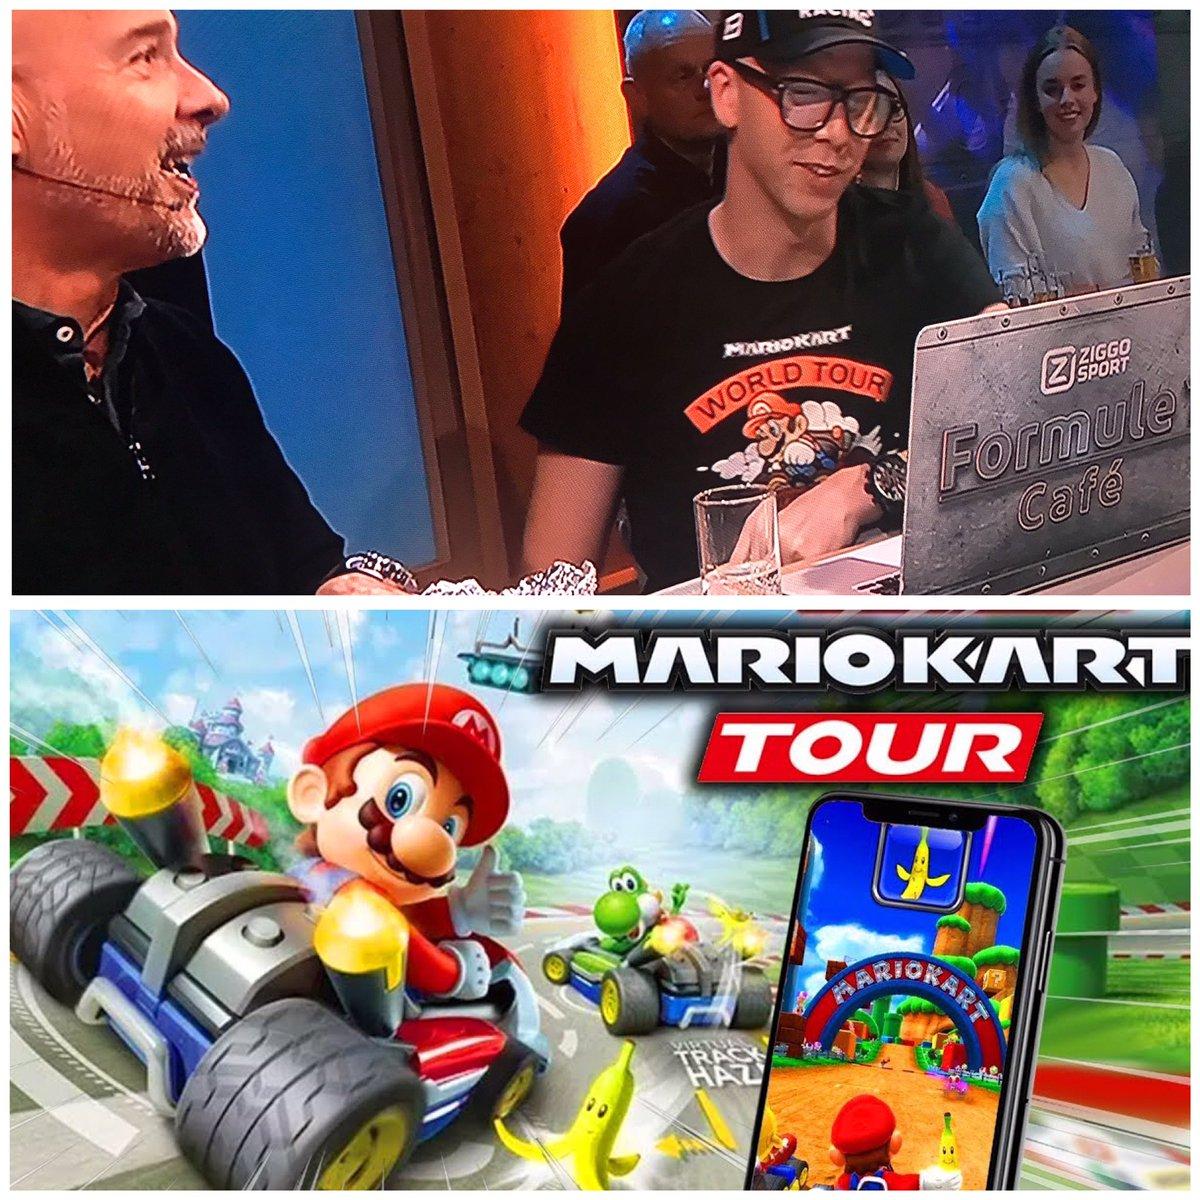 test Twitter Media - Nice shirt @VanGamerenF1 👌🏻 Game komt komende woensdag uit voor smartphones 👌🏻 #MarioKartTour #Nintendo https://t.co/JhVqOTFdJT